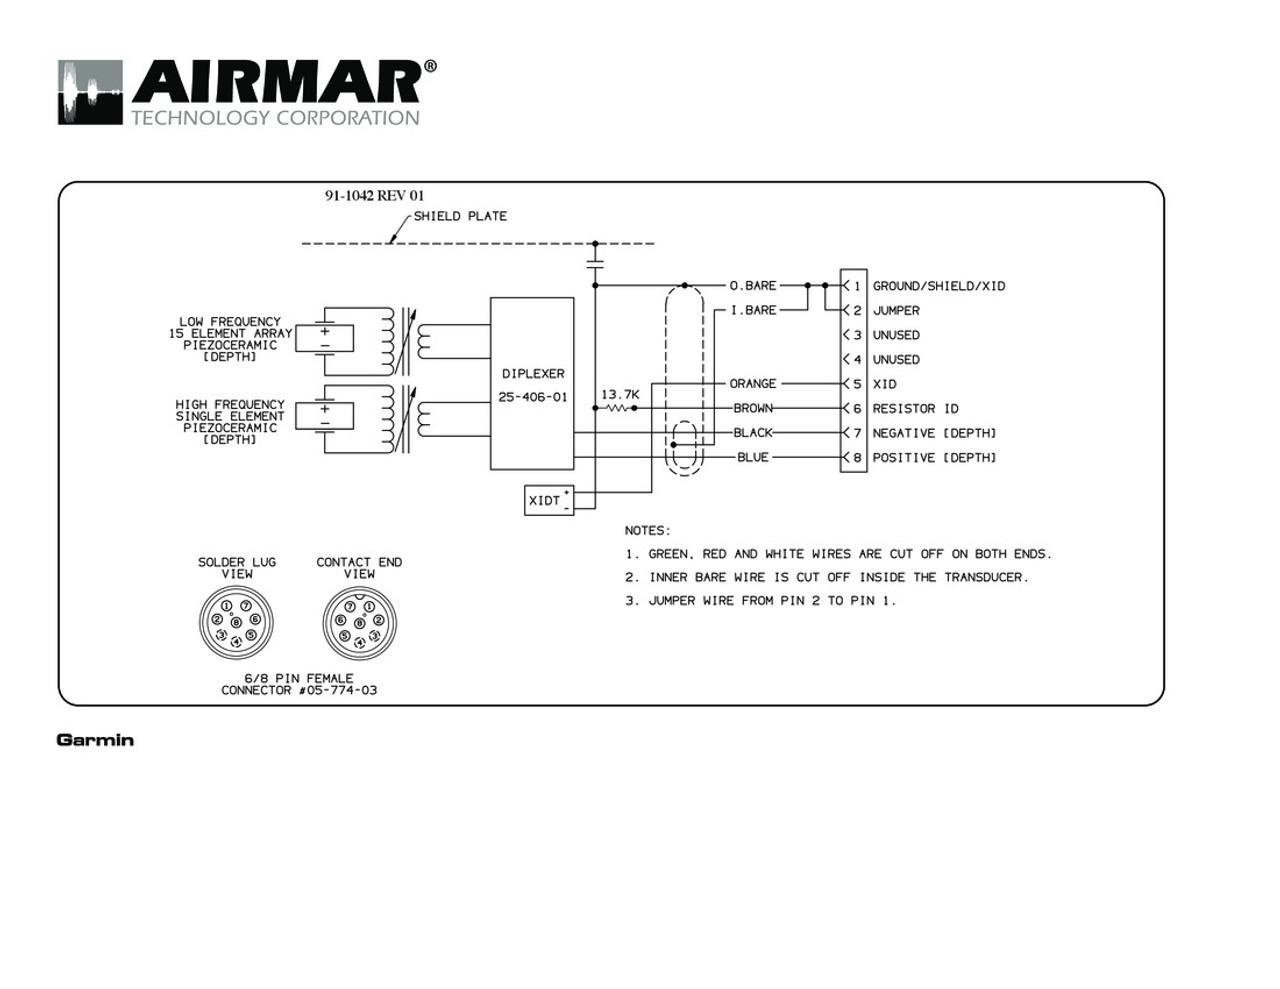 Airmar Wiring Diagram Garmin R199 8 pin (D, T) | Blue